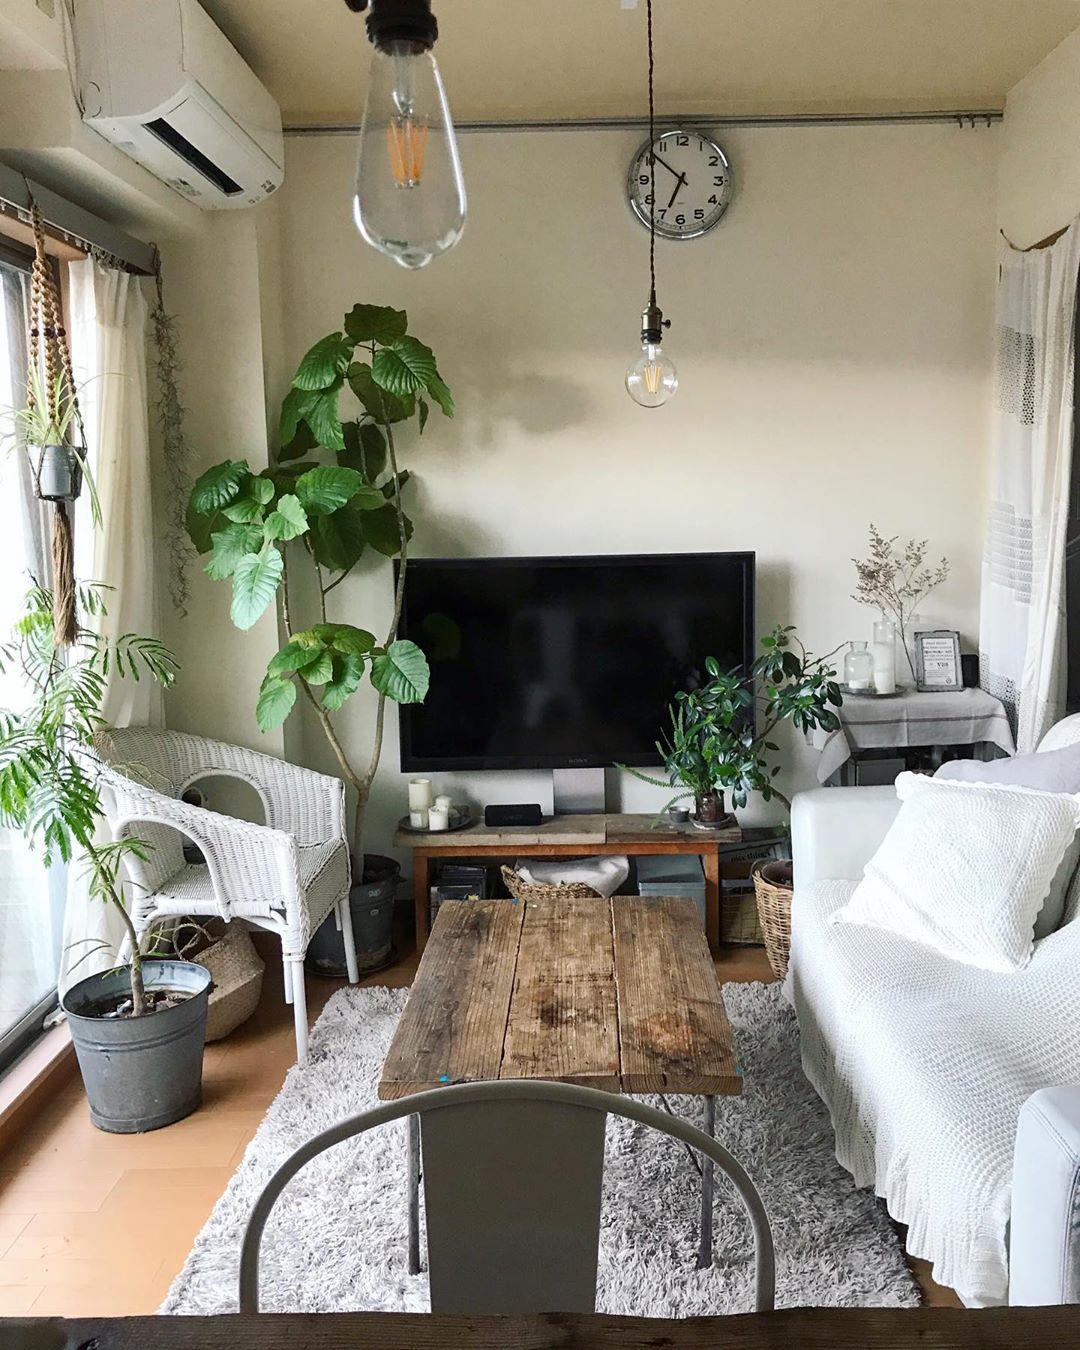 リビング・ダイニングは6.5畳。ローテーブルやテレビ台は、足場板を使ってDIYしたもの。圧迫感が出ないように家具は低めに。「ぴったりサイズ」で自作することで、空間を無駄なく利用していらっしゃいます。